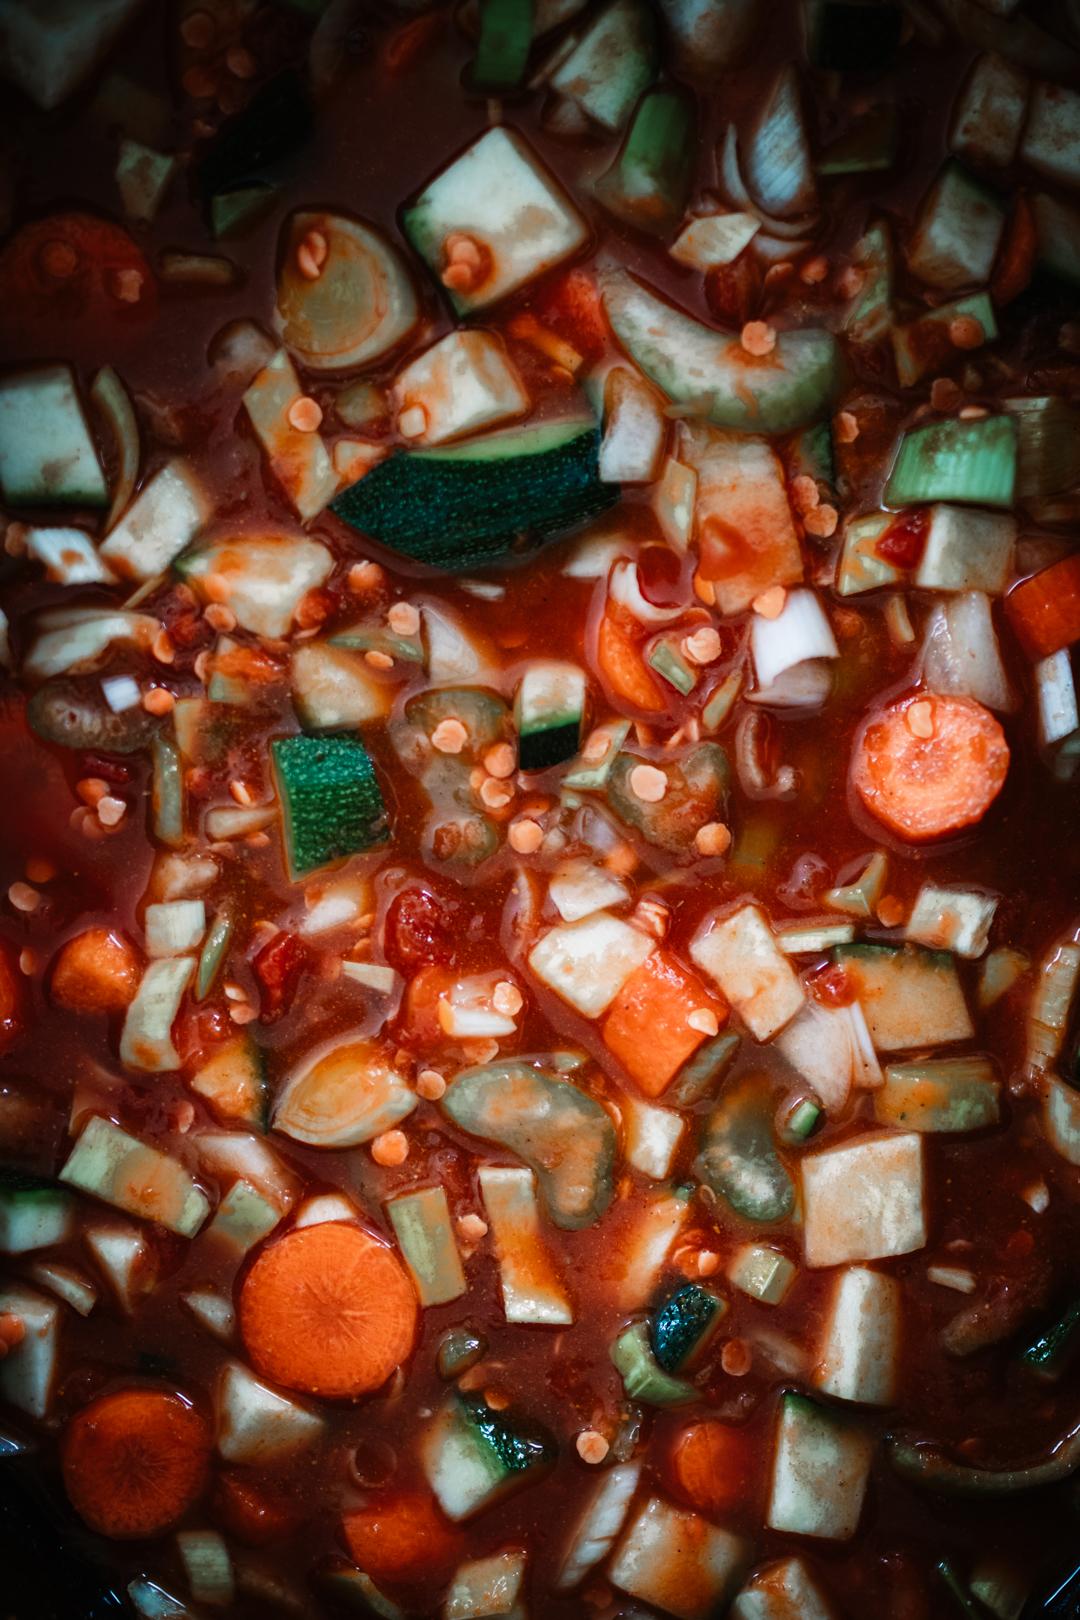 Grönsakssoppa i en slow cooker